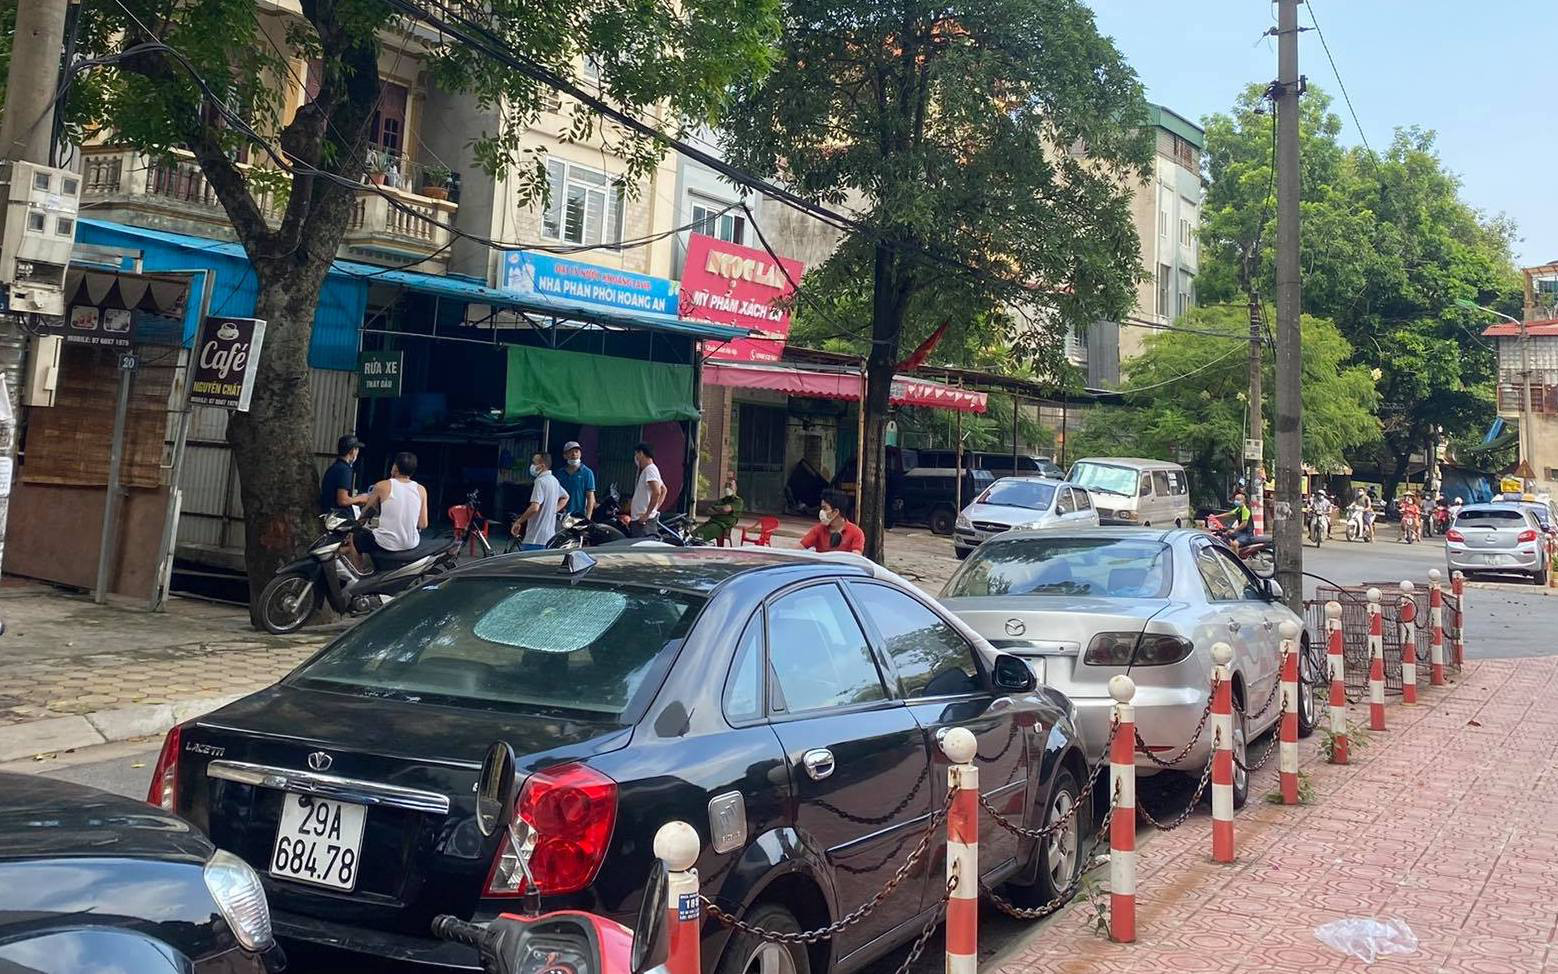 Bé gái 6 tuổi ở Hà Nội tử vong thương tâm, nghi bị bạo hành